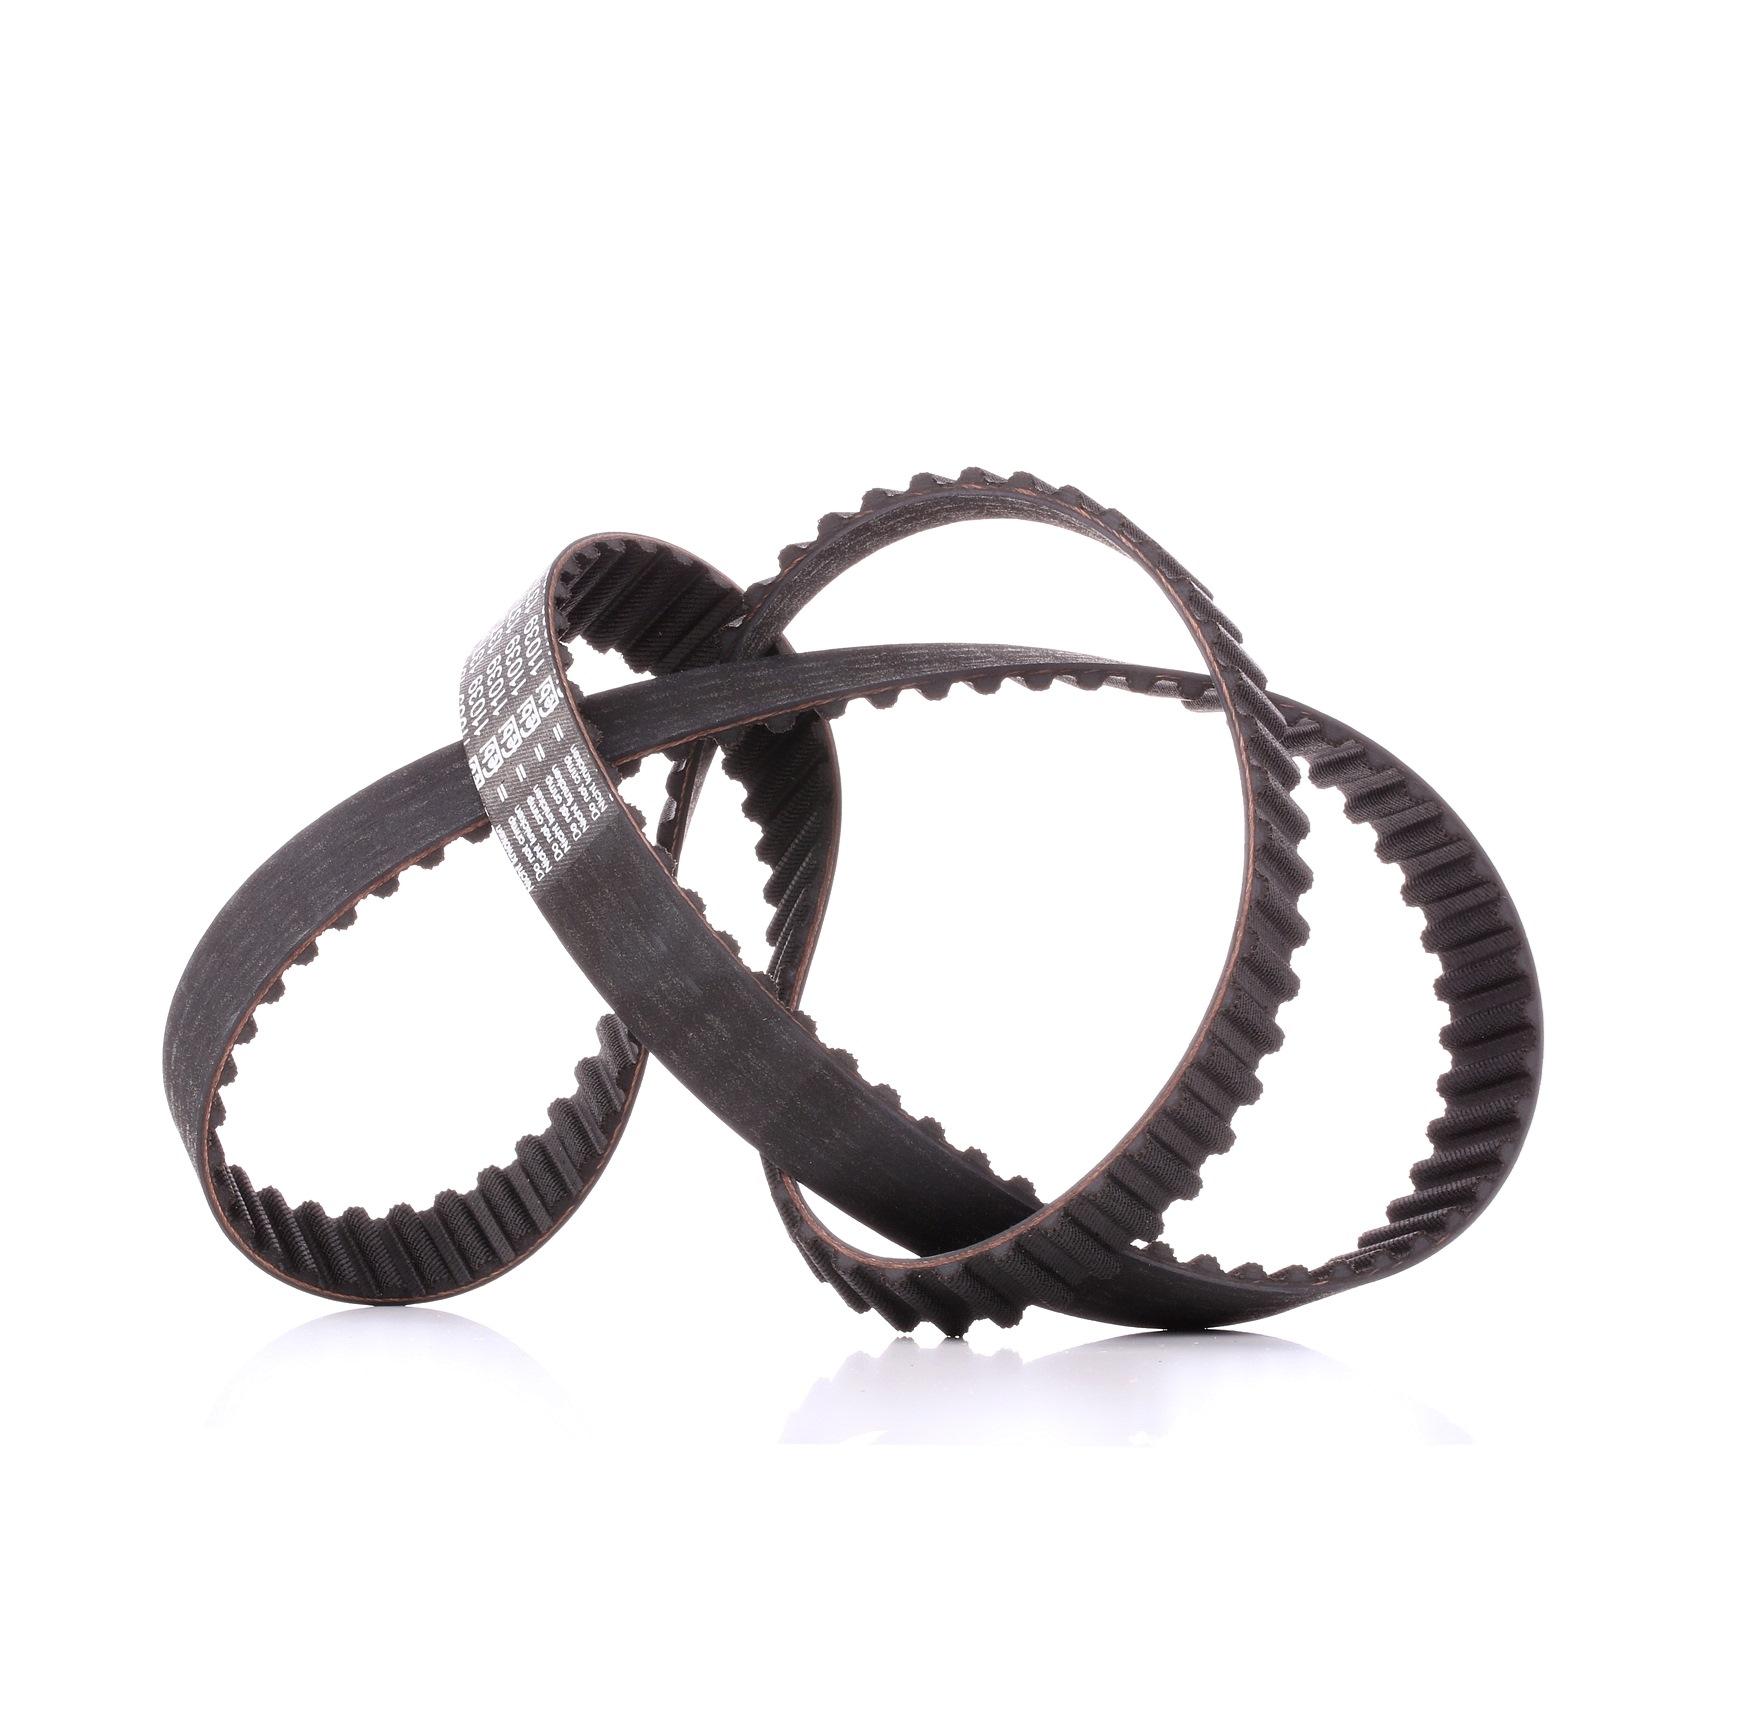 Achetez Courroies, chaînes, galets FEBI BILSTEIN 11039 (Largeur: 25,4mm) à un rapport qualité-prix exceptionnel